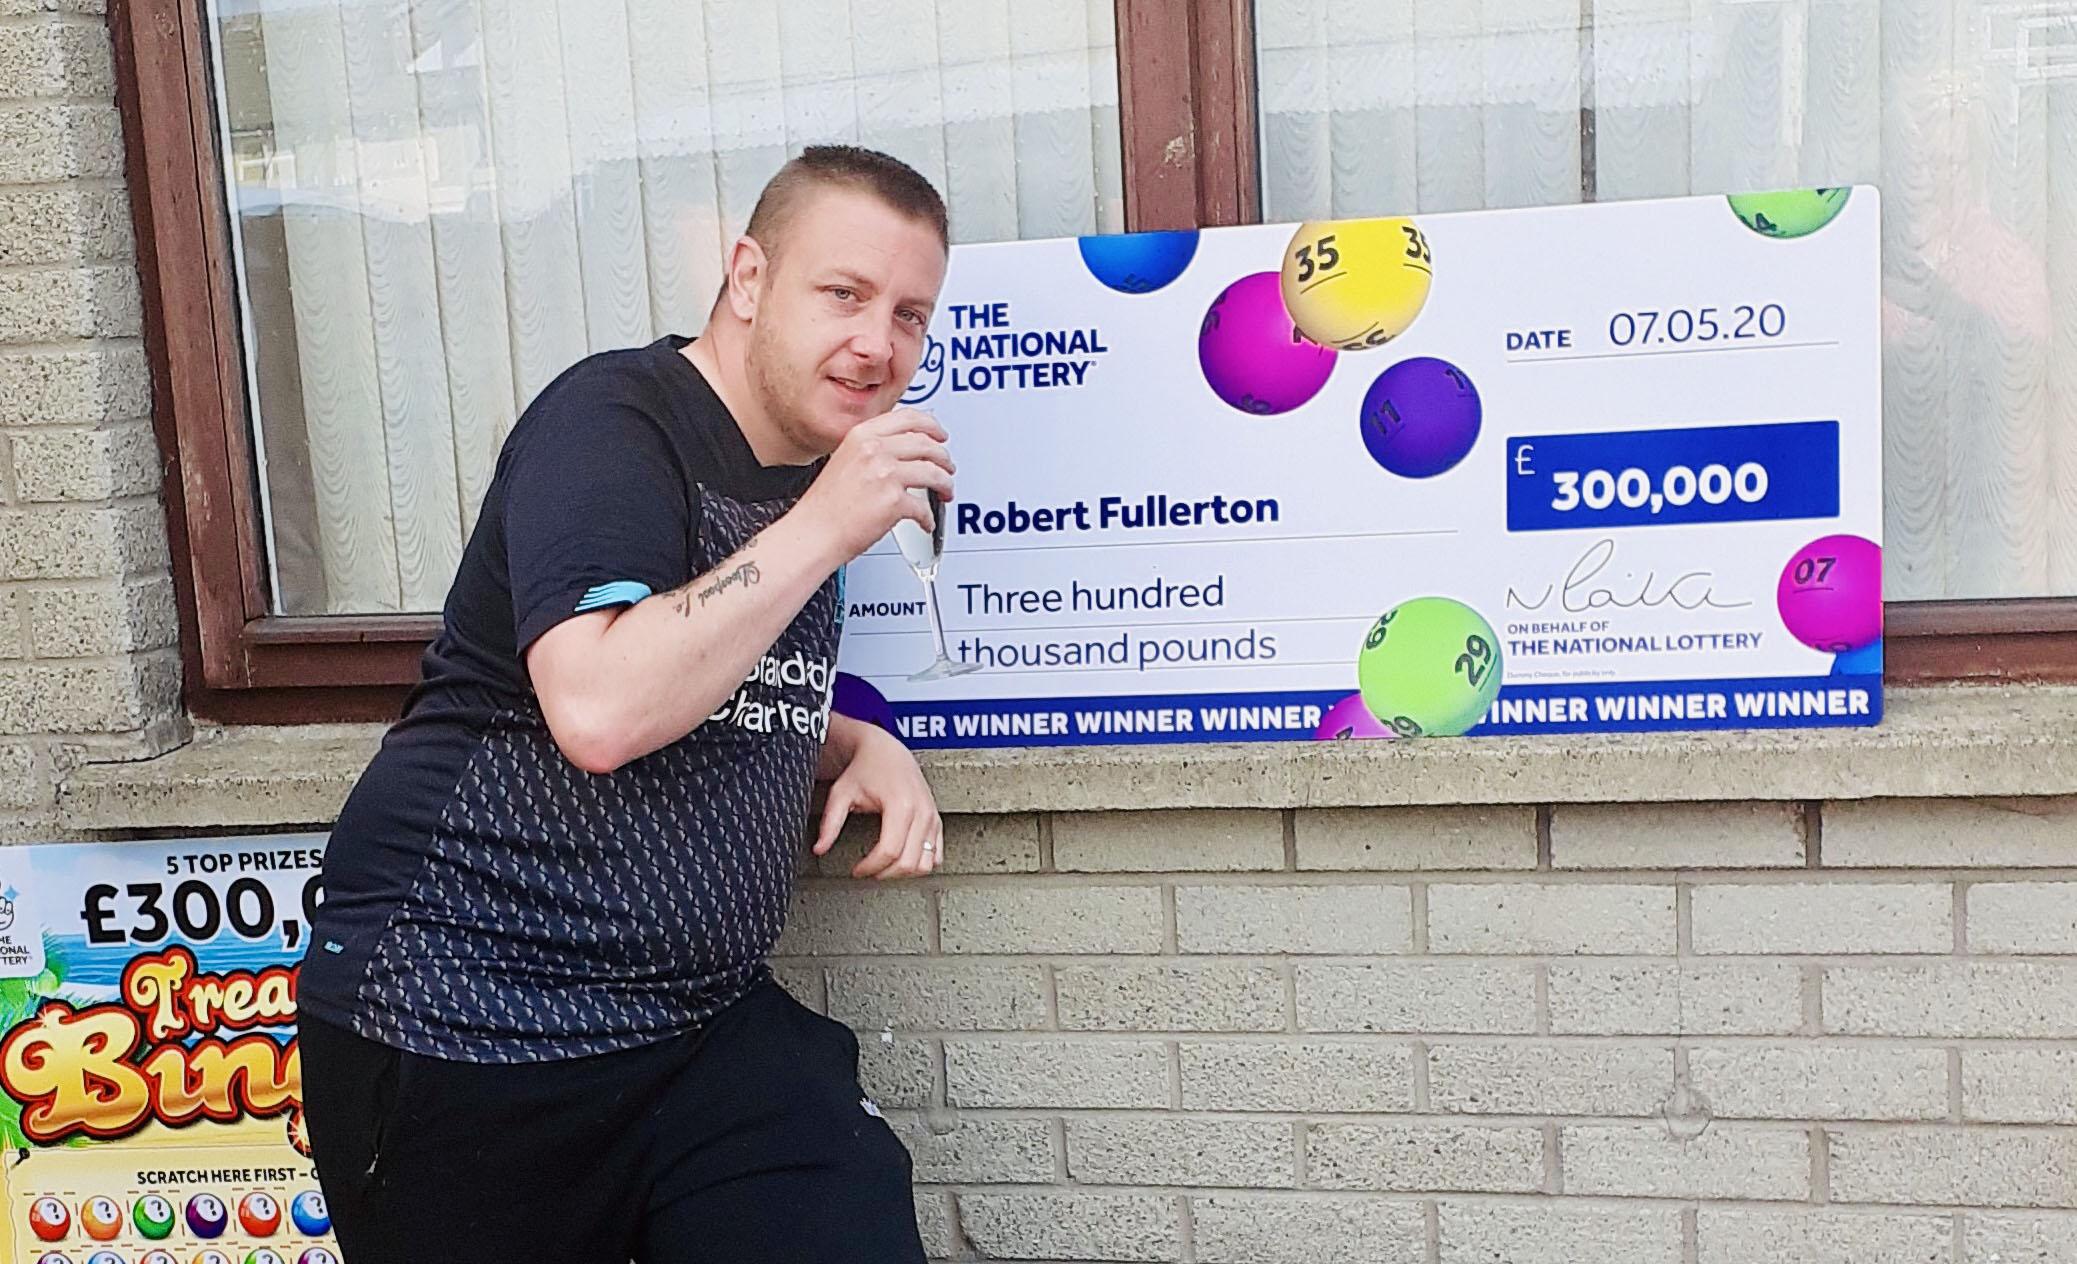 Robert Fullerton - lottery winner #2